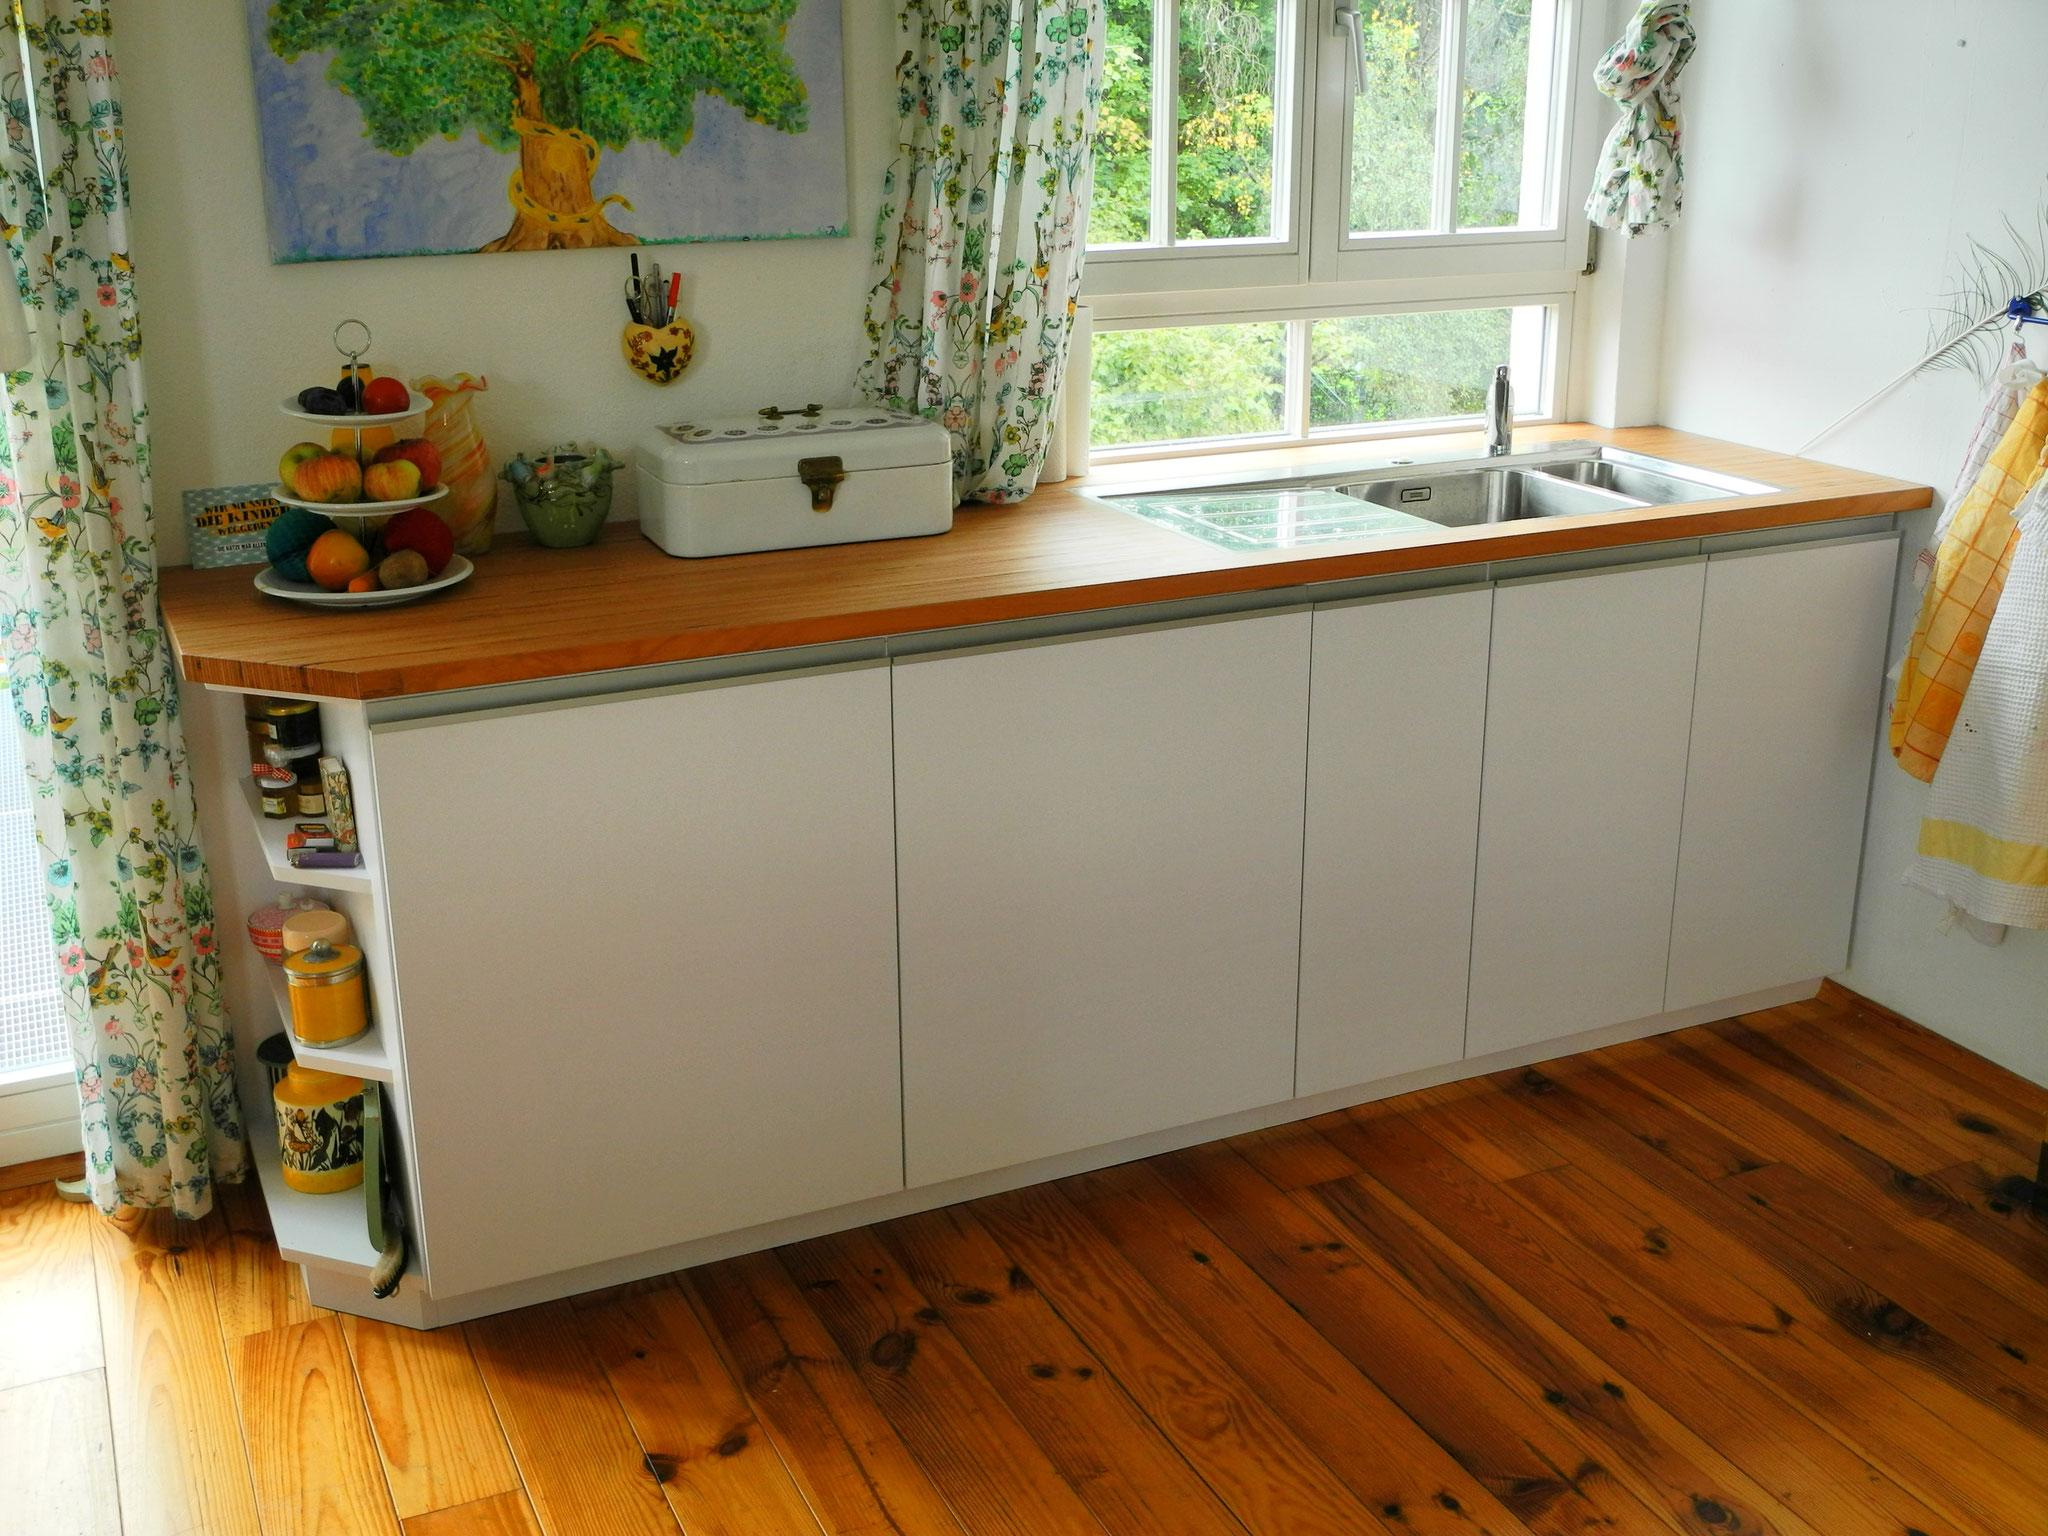 Küchenzeile mit Einbaugefrier- und -kühlschrank sowie Spüle